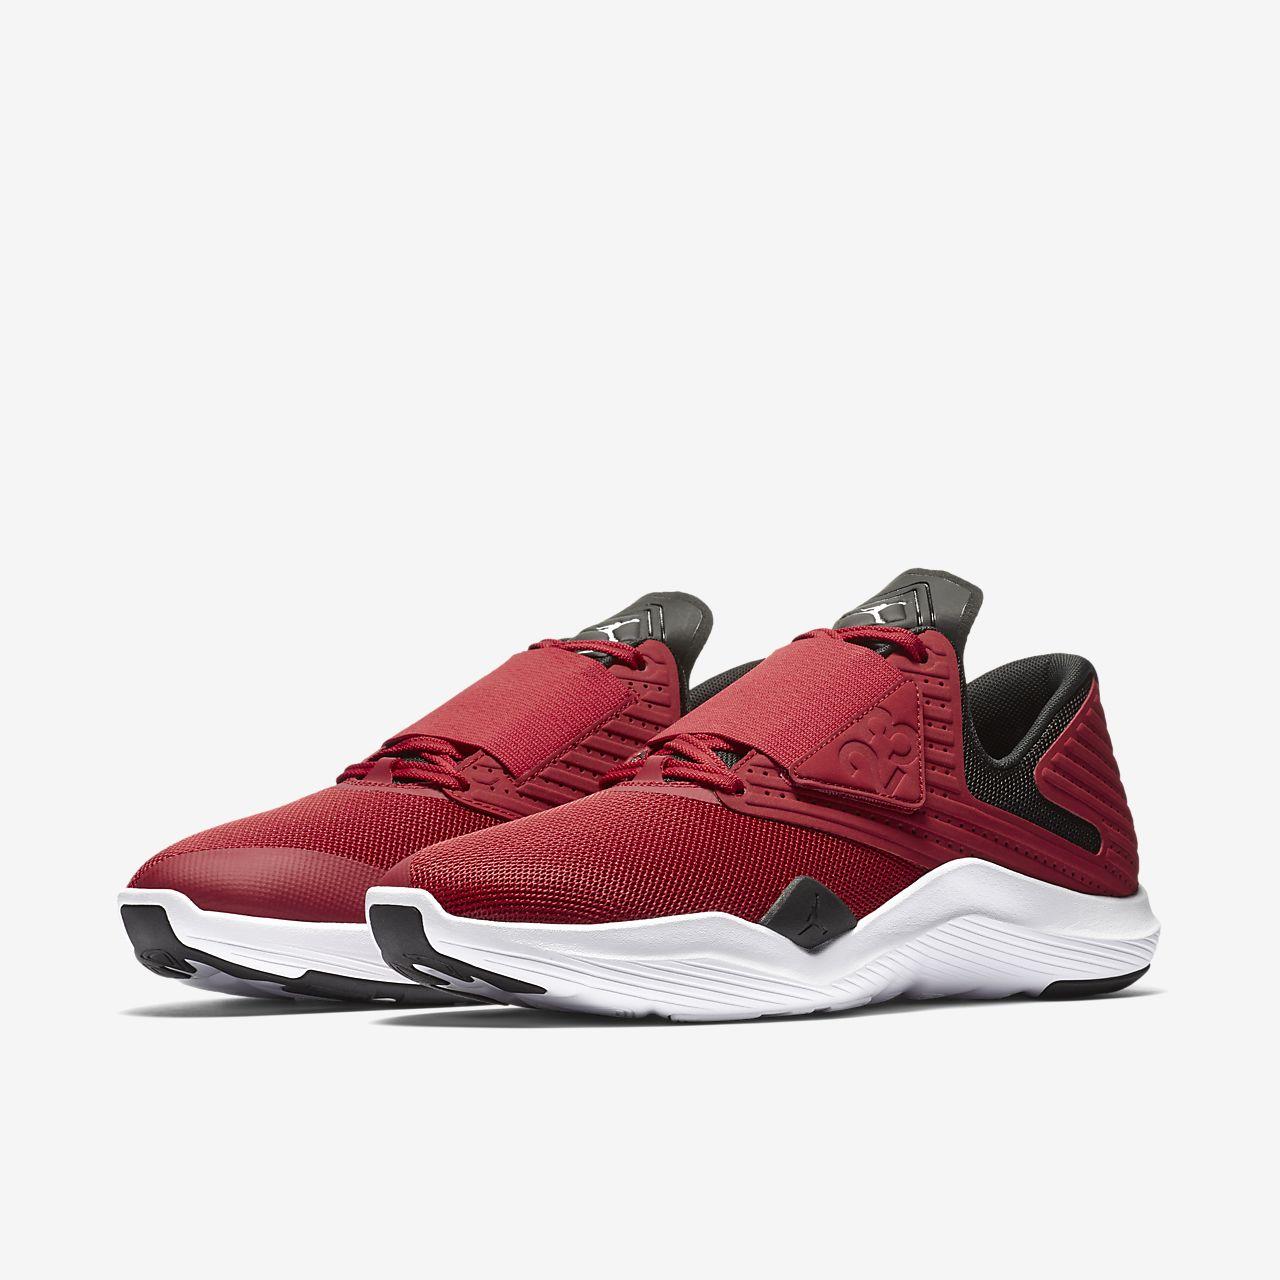 Nike Jordan Relentless Black Red Orden Pre En Venta Real Para La Venta Q3V1z